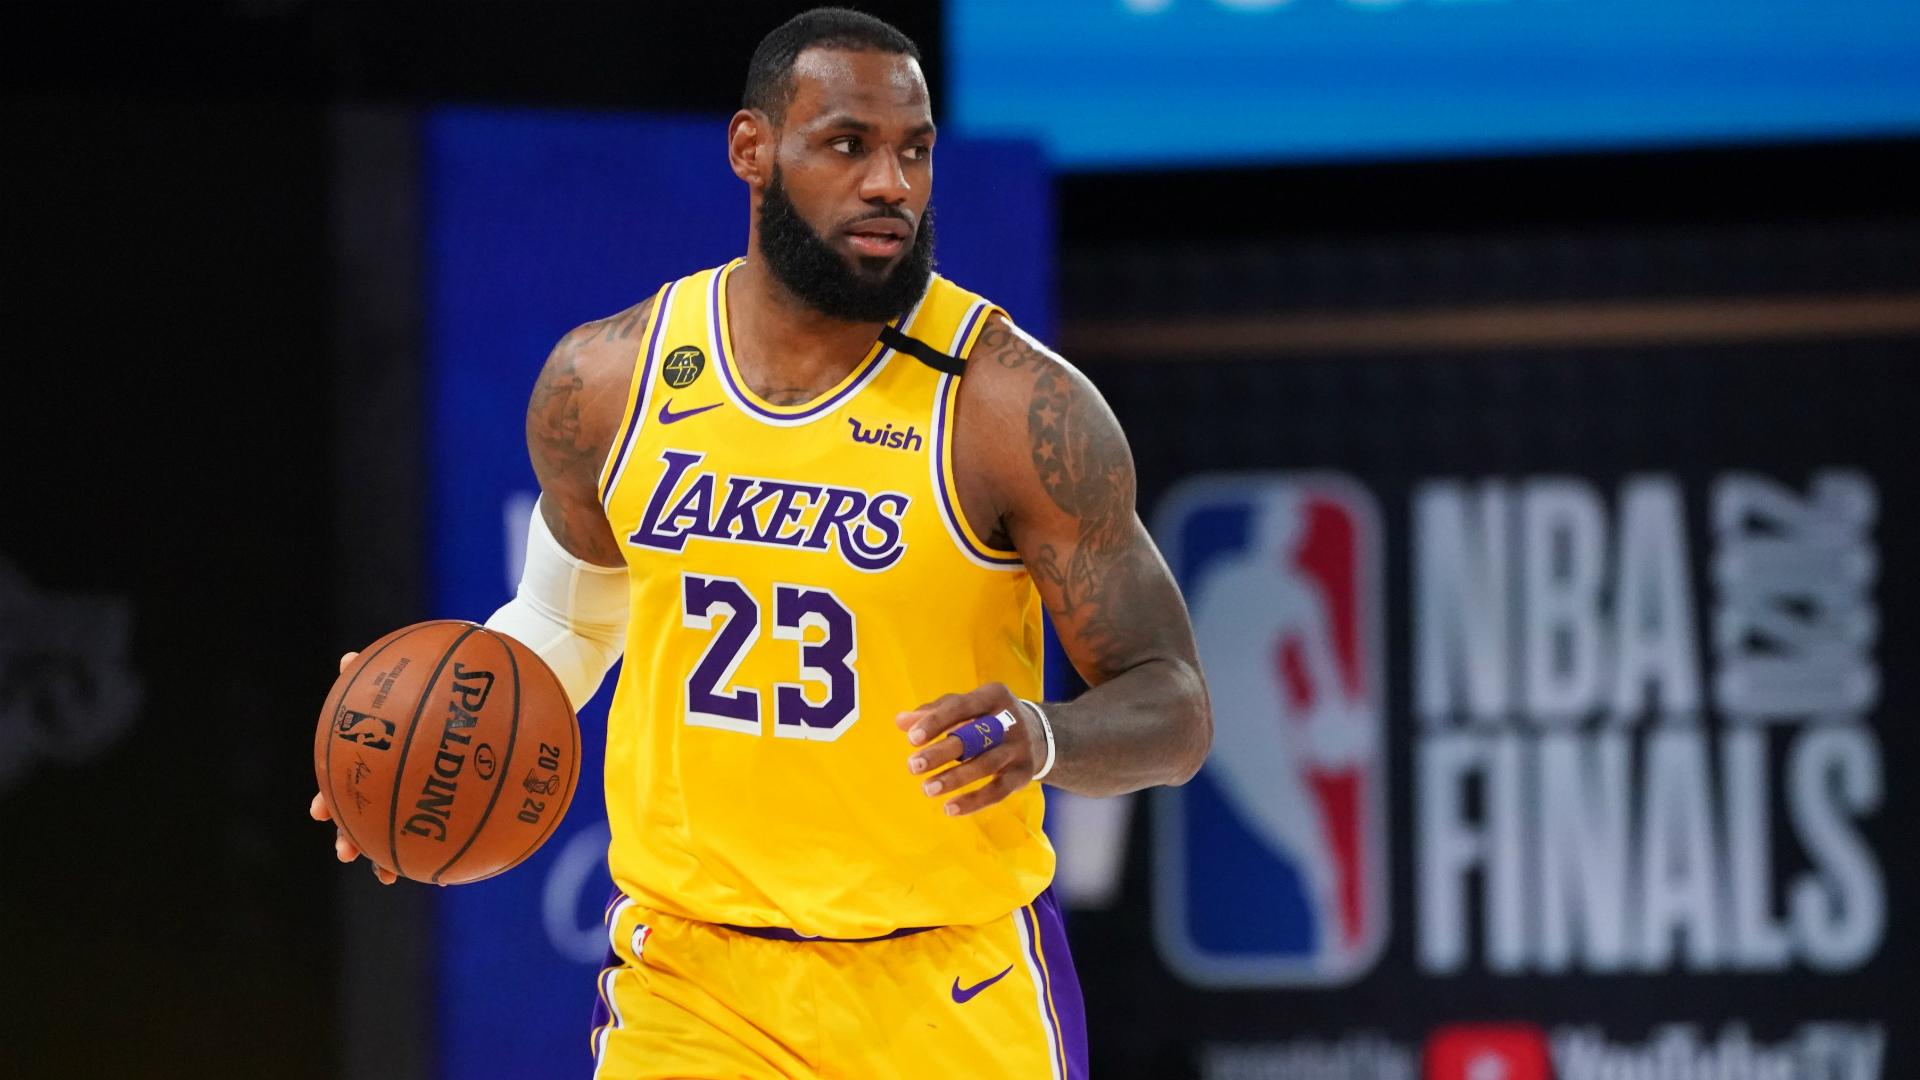 NBA preseason to get underway on December 11